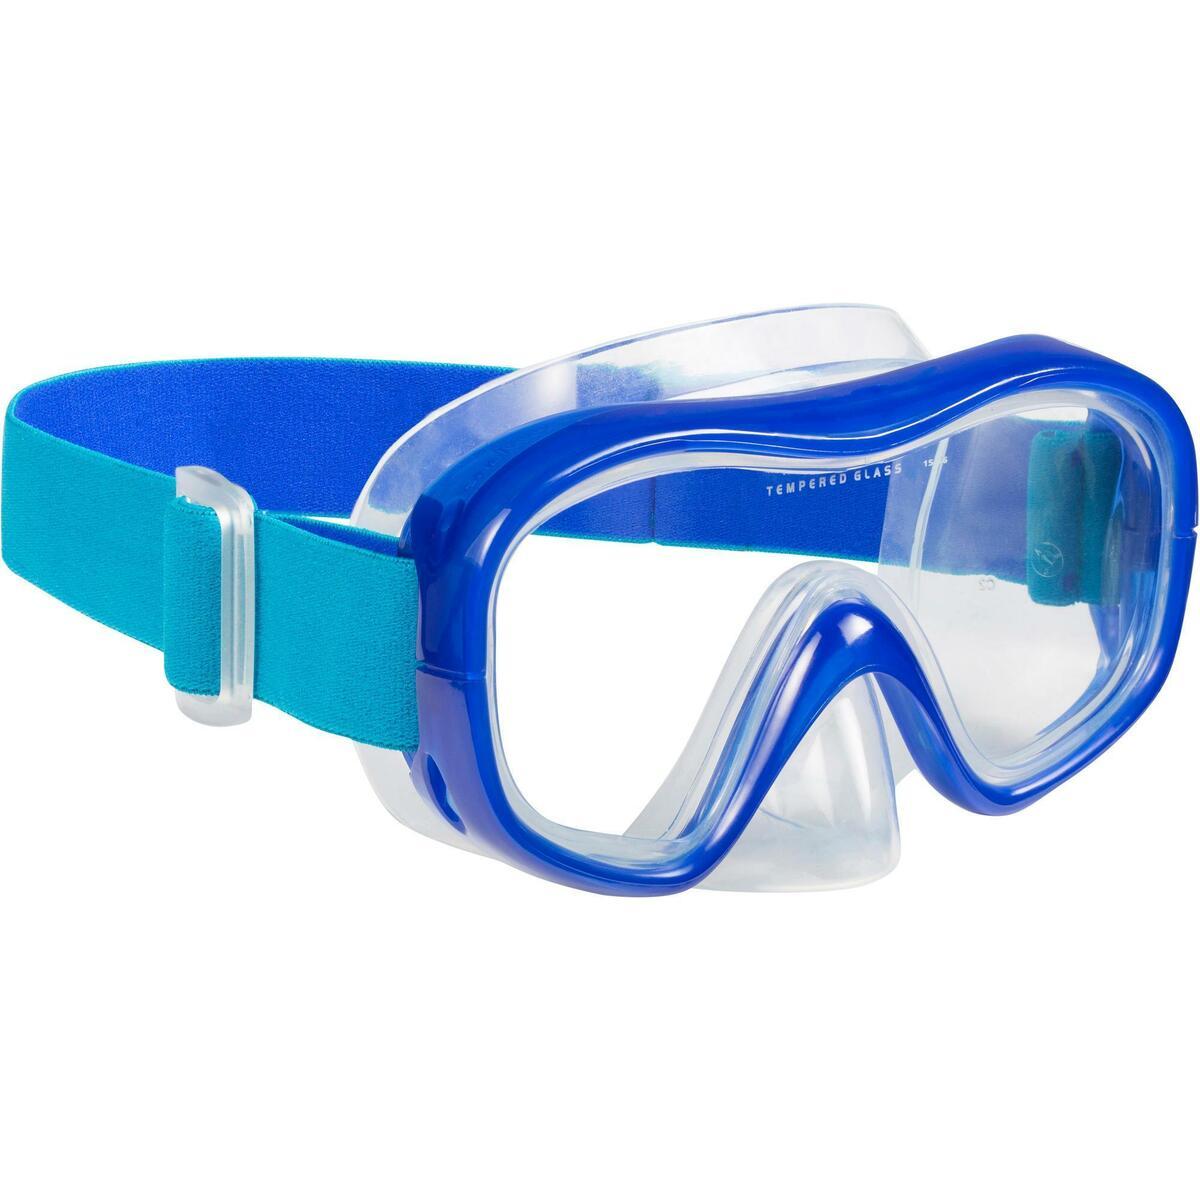 Bild 2 von Schnorchel-Set Freediving FRD120 Erwachsene türkisblau